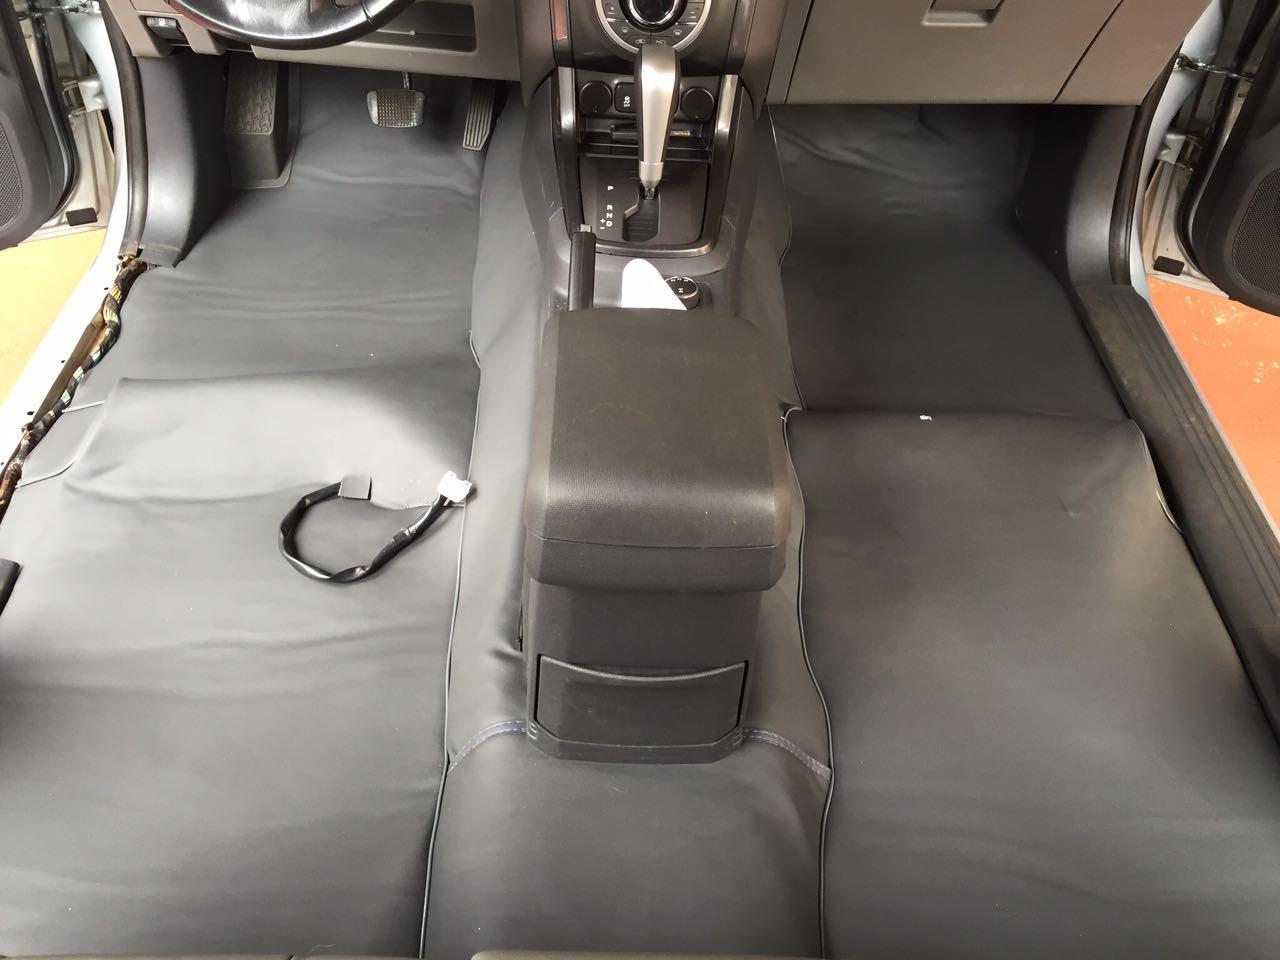 Forro Super Luxo Automotivo Assoalho Para A10 C10 D10 Simples